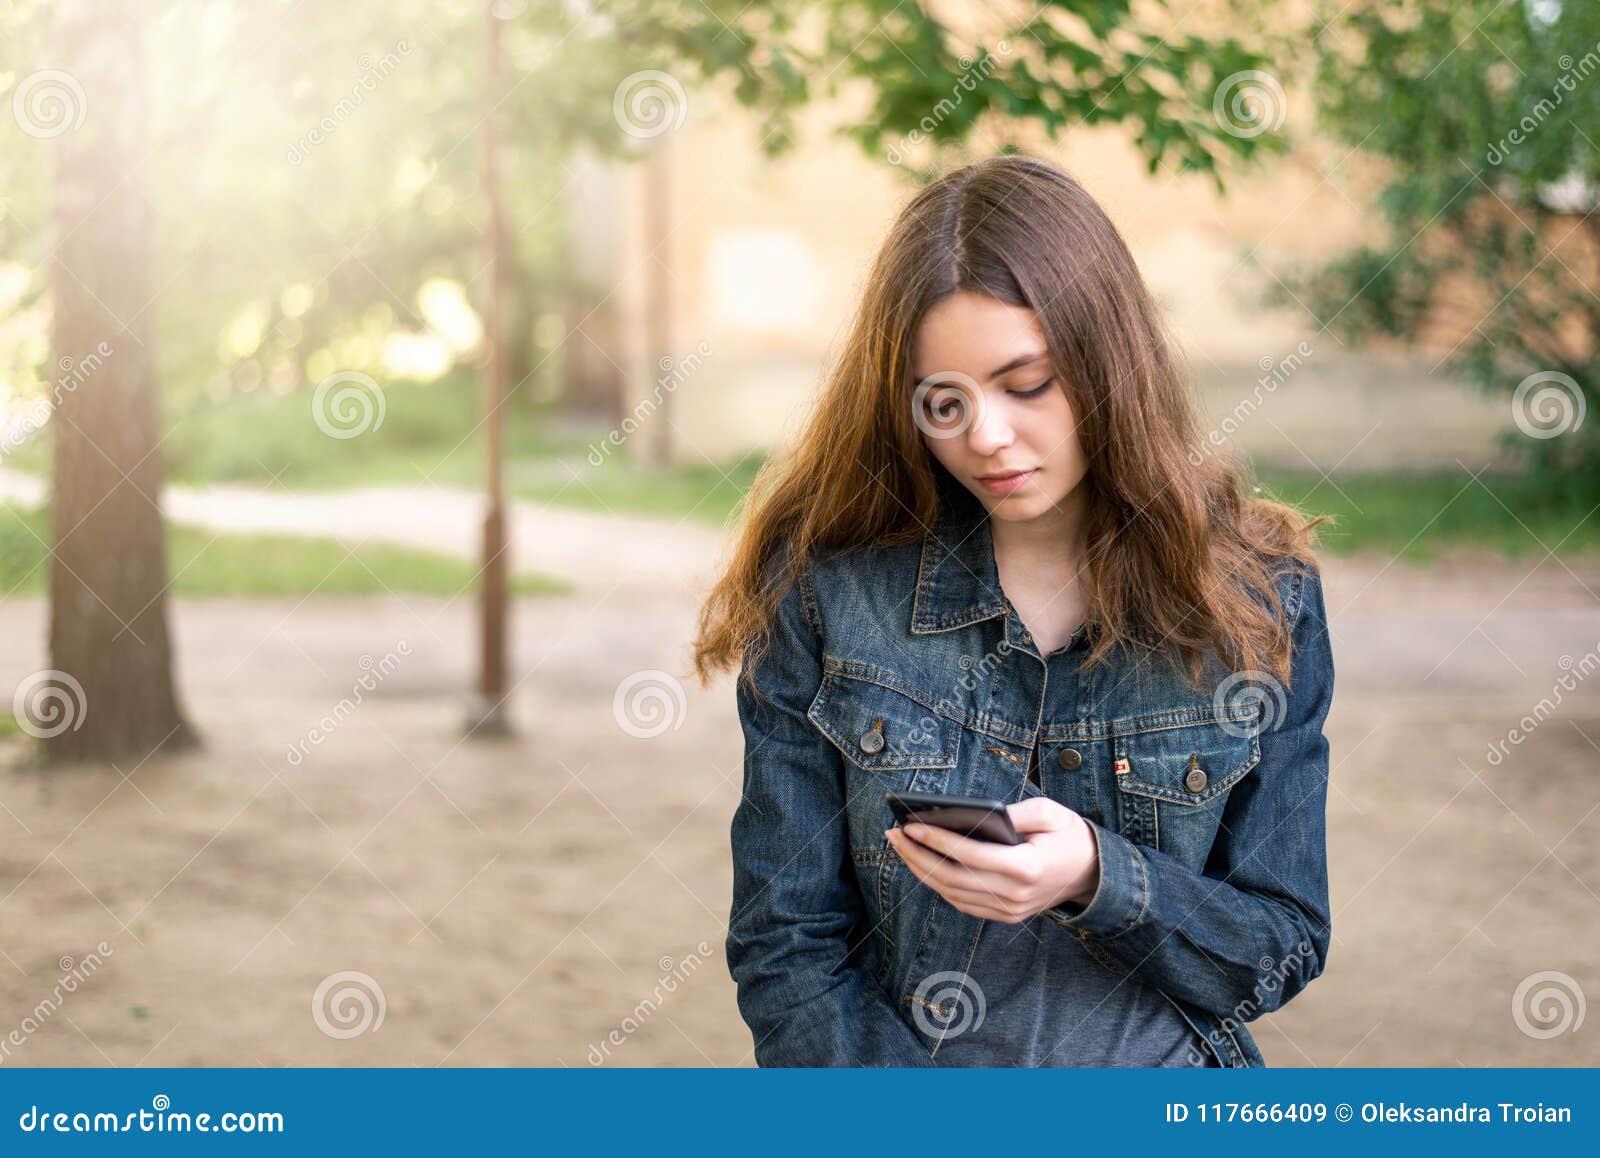 Довольно предназначенная для подростков девушка используя телефон в социальных средствах массовой информации